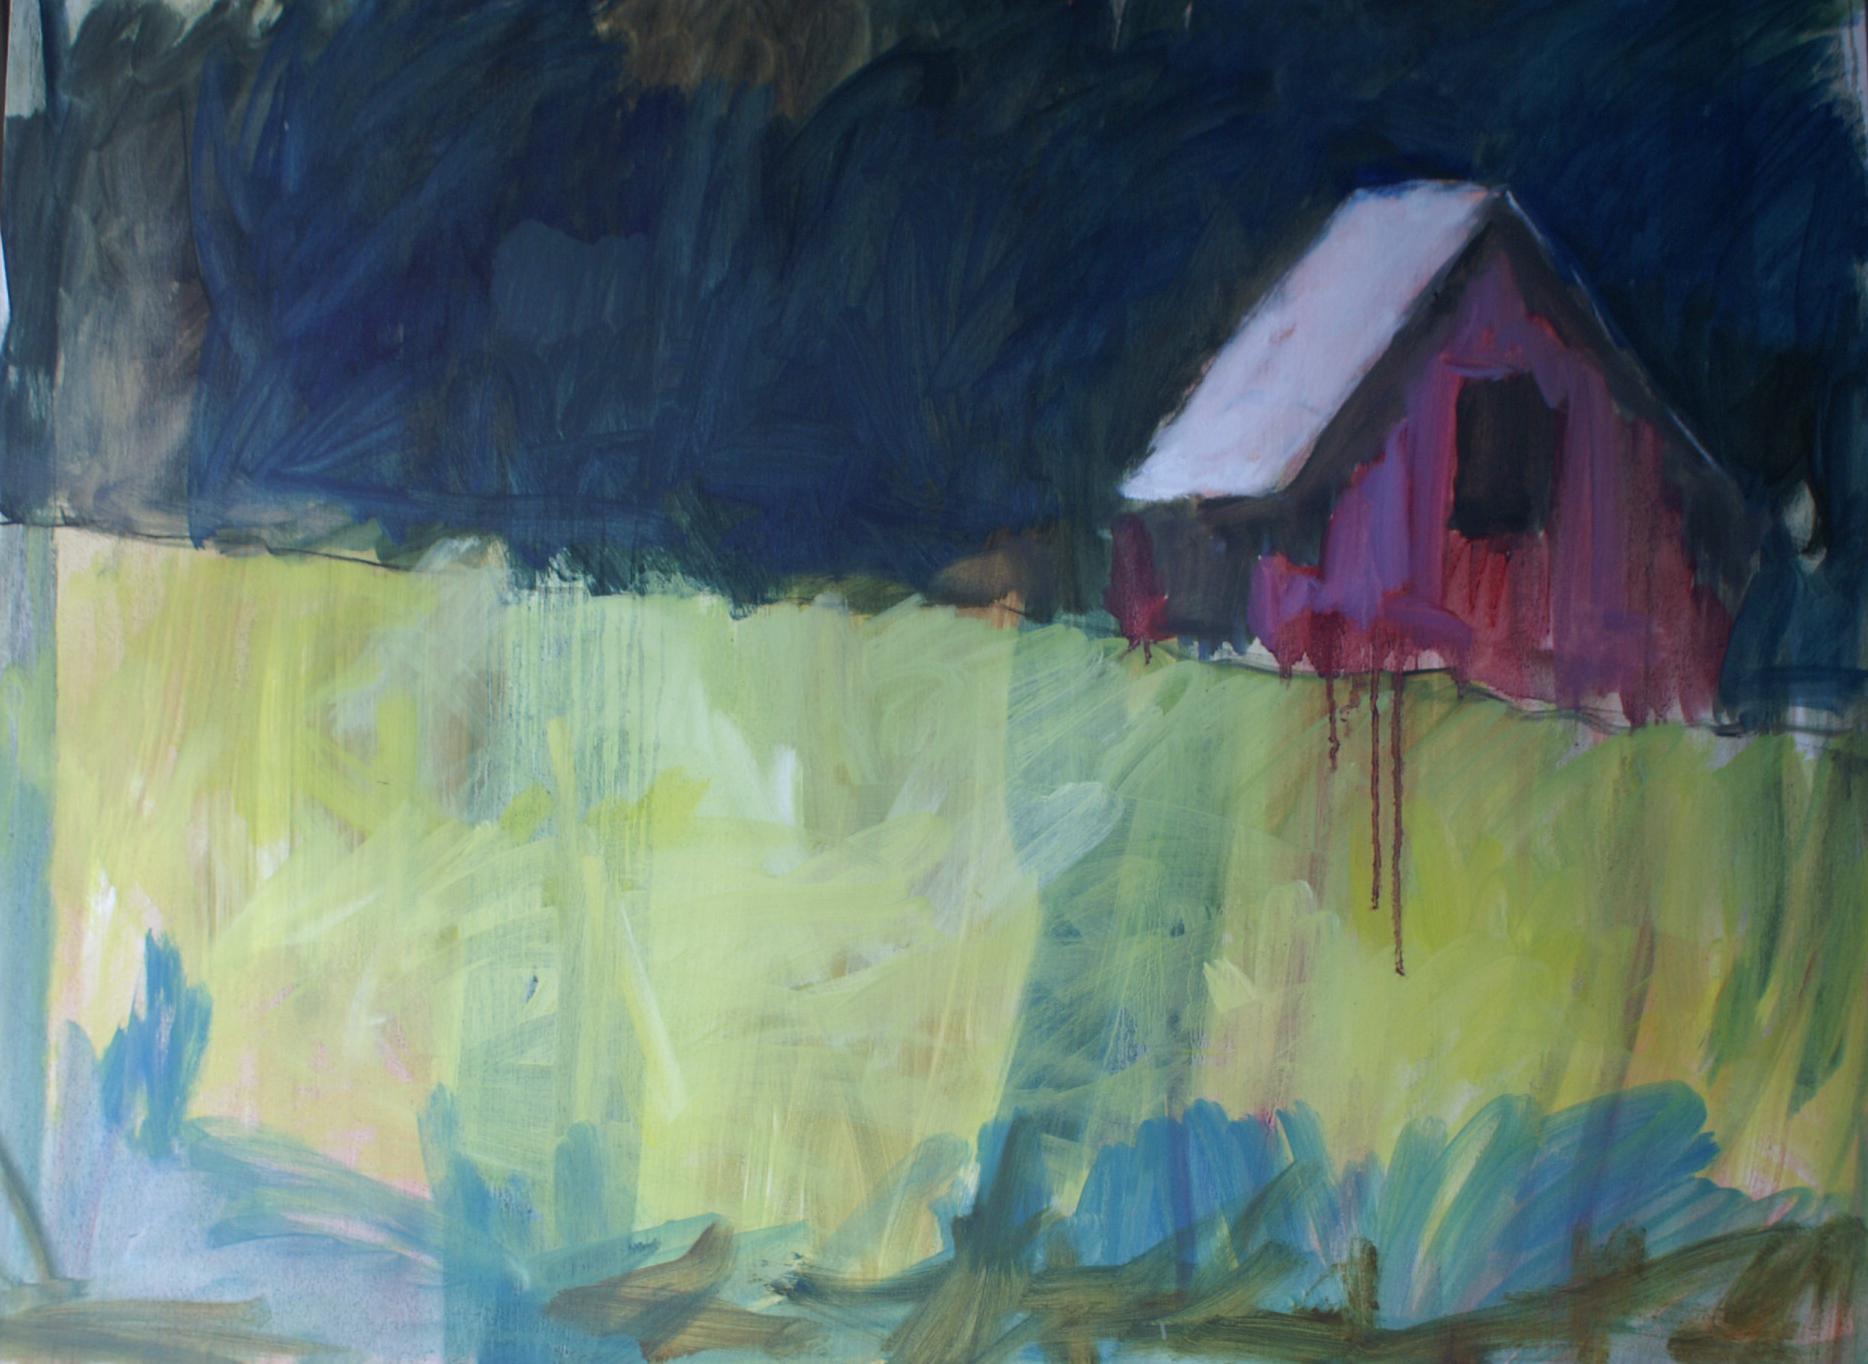 Moonlight Barn - Sold